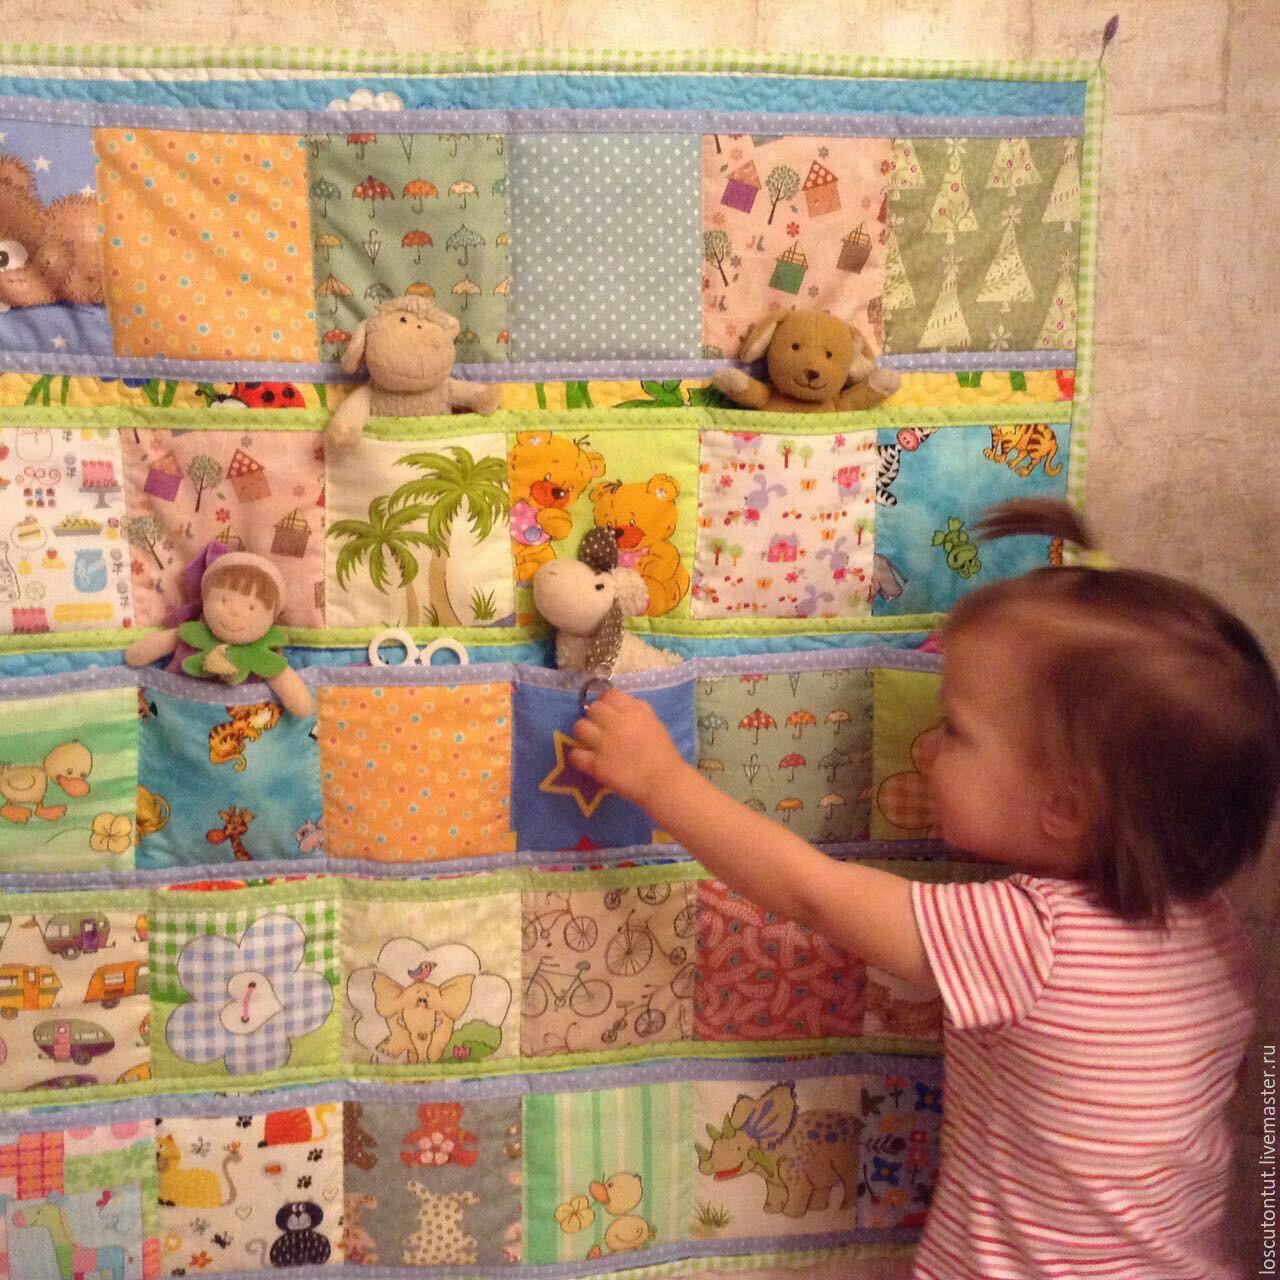 Адвент календарь для детей своими руками. Как сделать 3